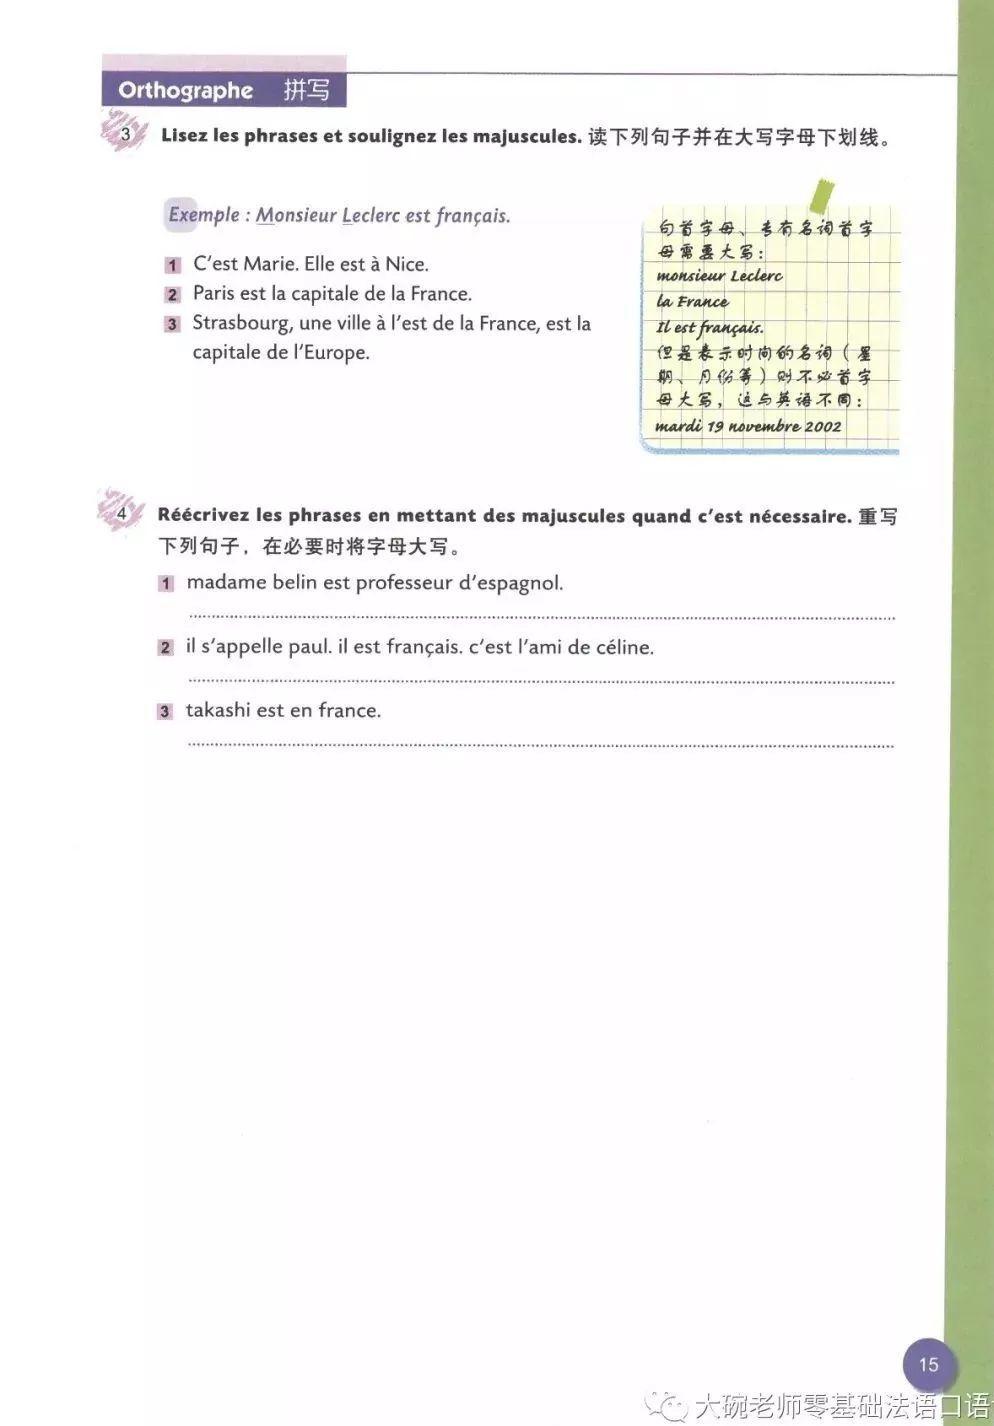 法语论文的中文目录